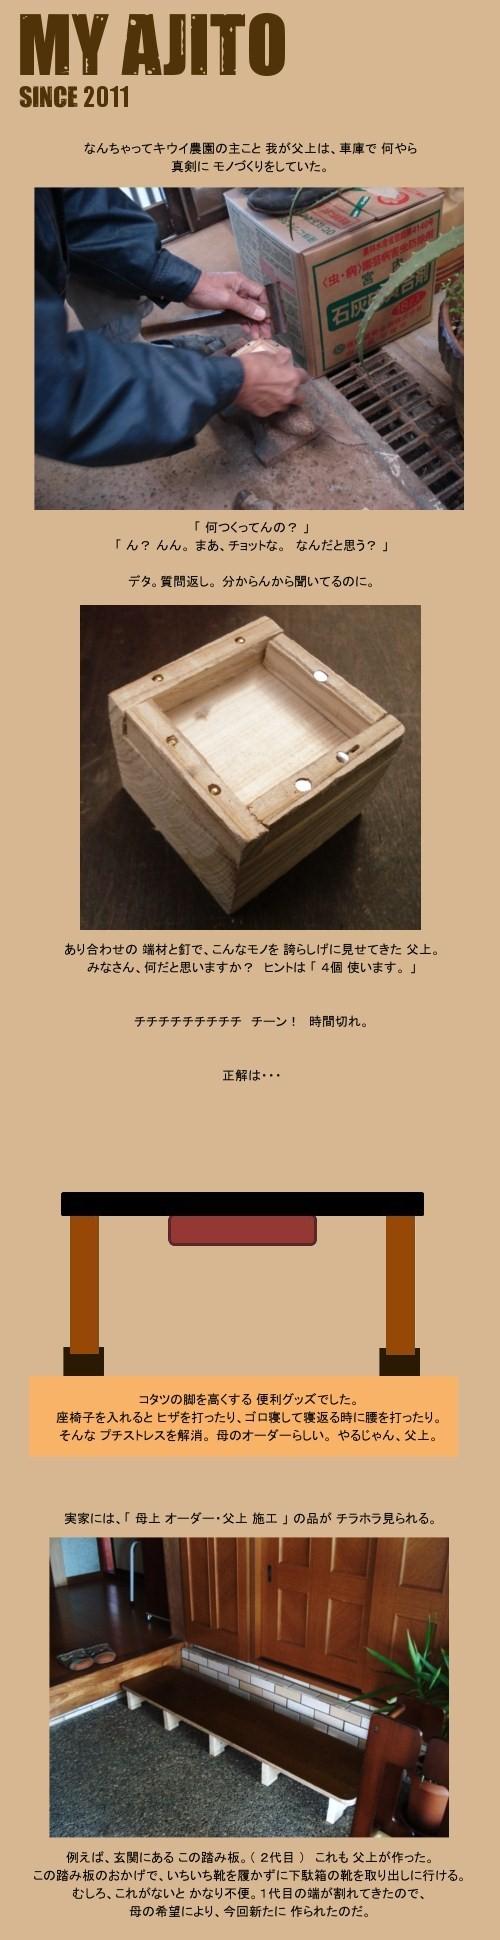 hahao_2.jpg